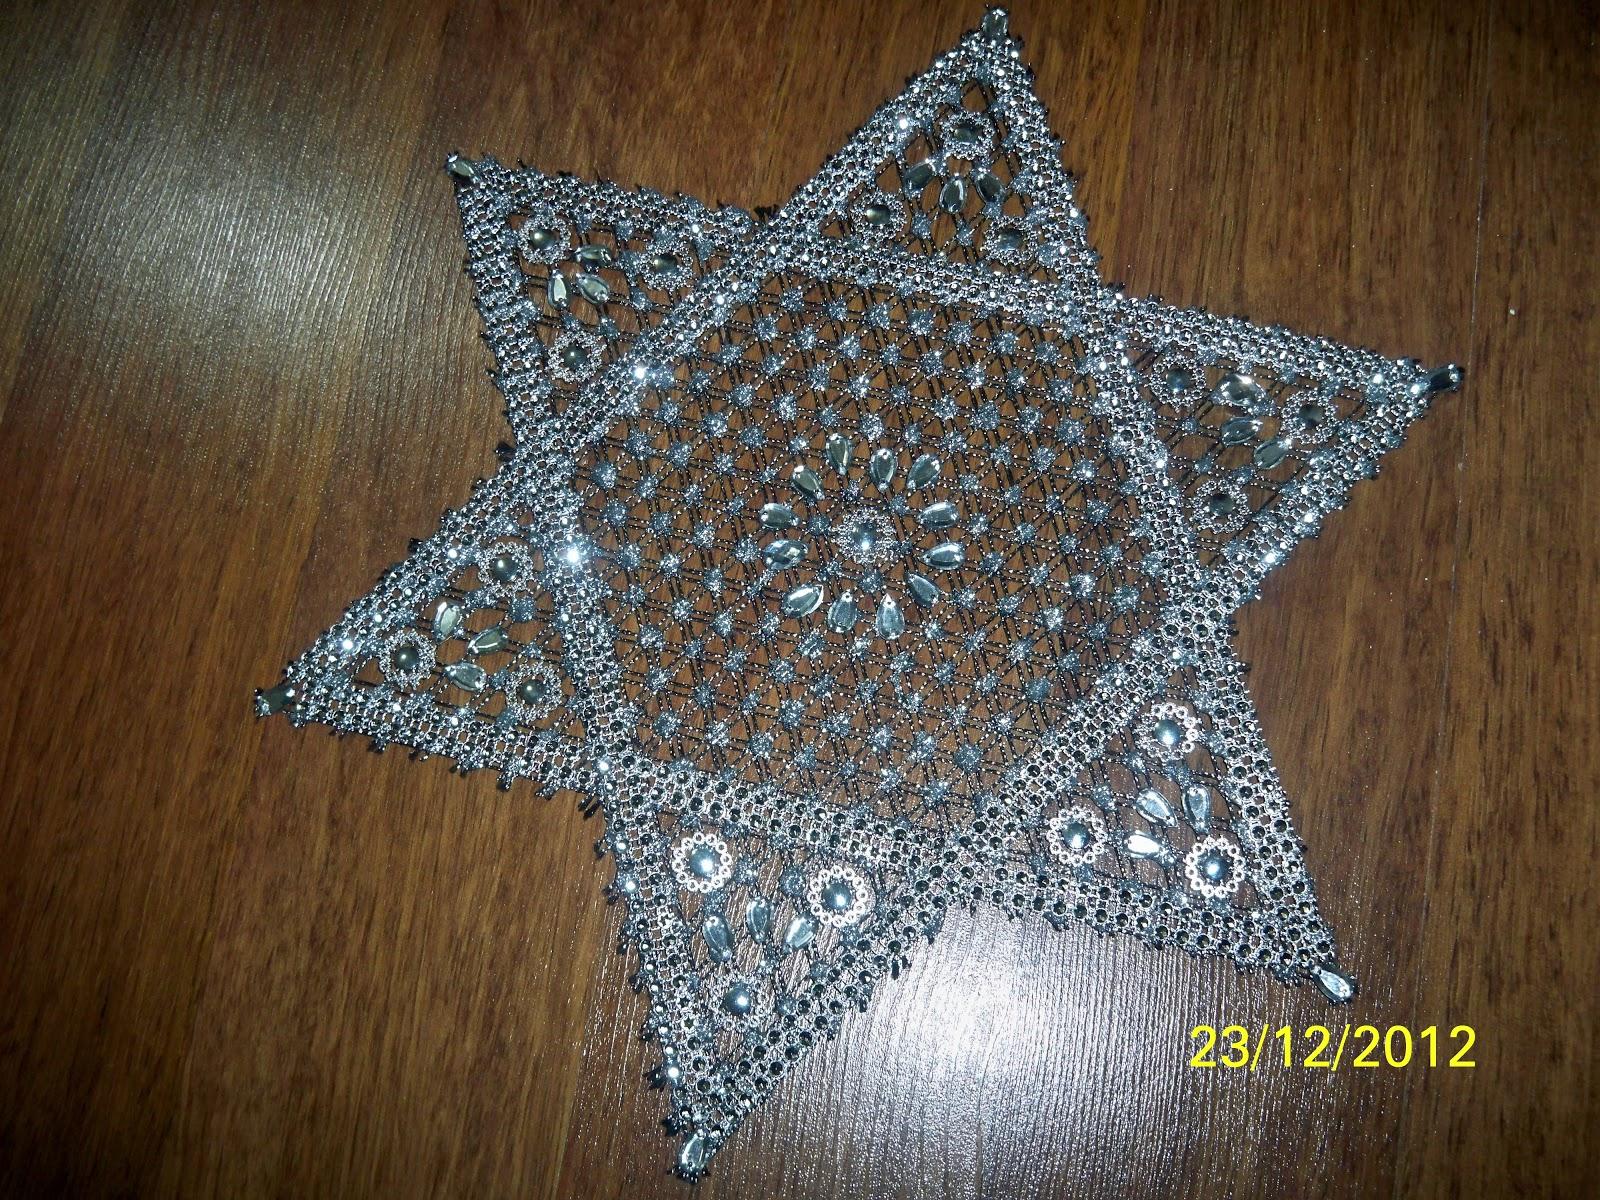 daha göstermek isterim :) Yıldız motifli çivili kasnak işim